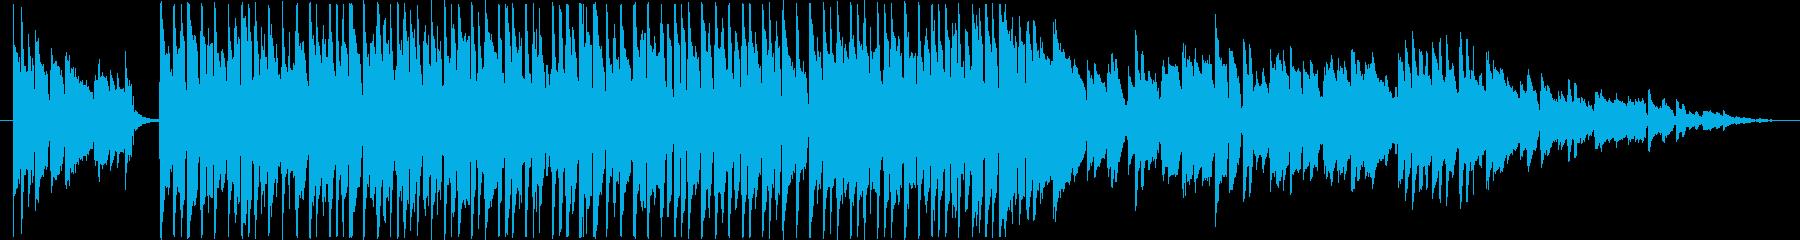 夏休みの昼下がりのイメージの再生済みの波形